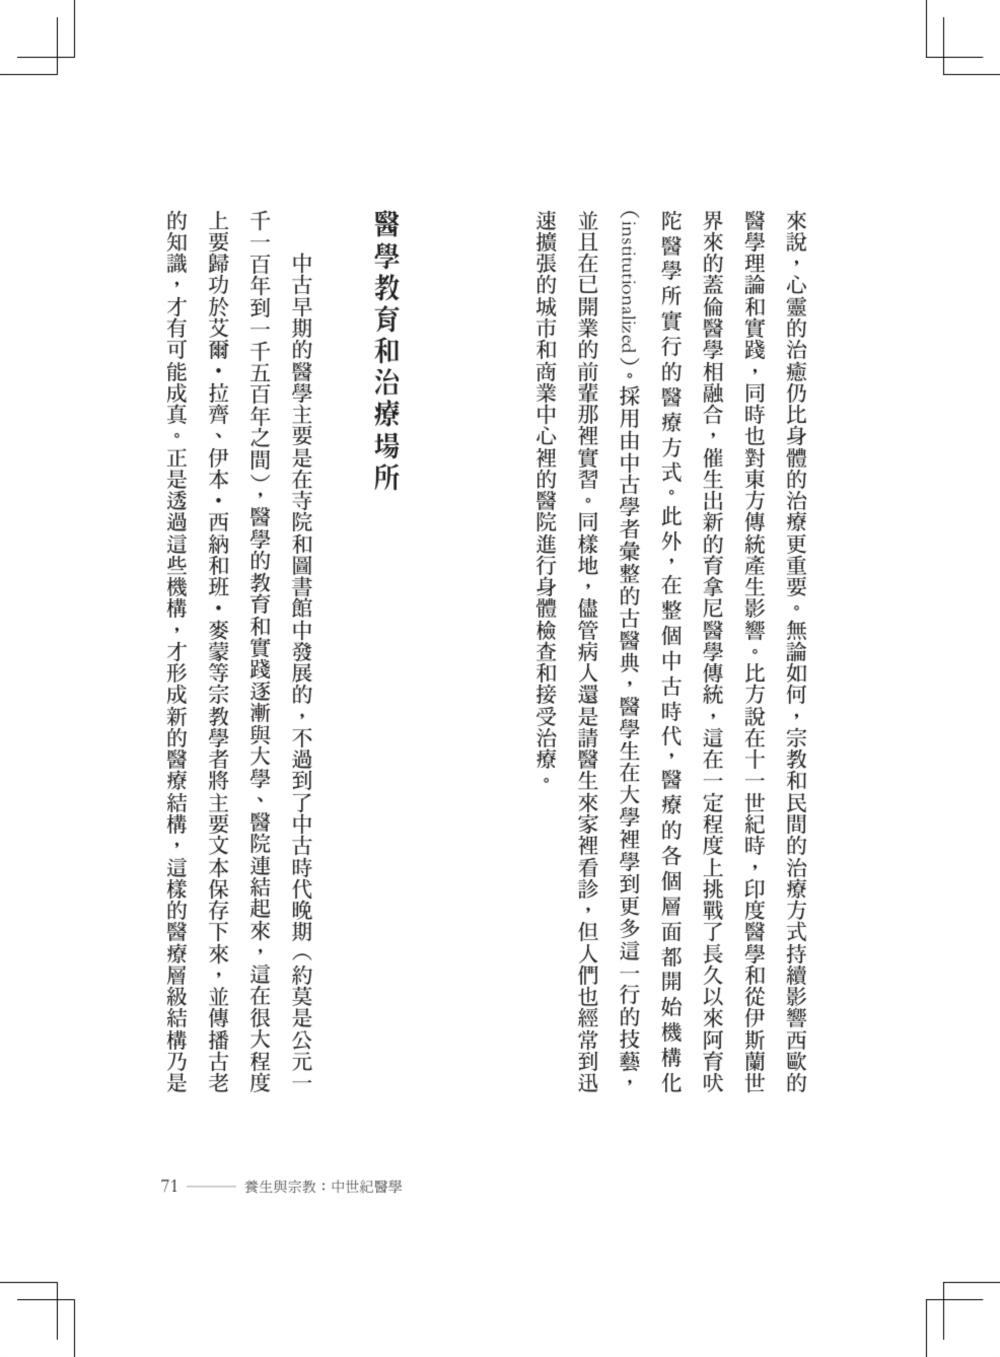 http://im2.book.com.tw/image/getImage?i=http://www.books.com.tw/img/001/072/55/0010725528_b_01.jpg&v=57c3d690&w=655&h=609